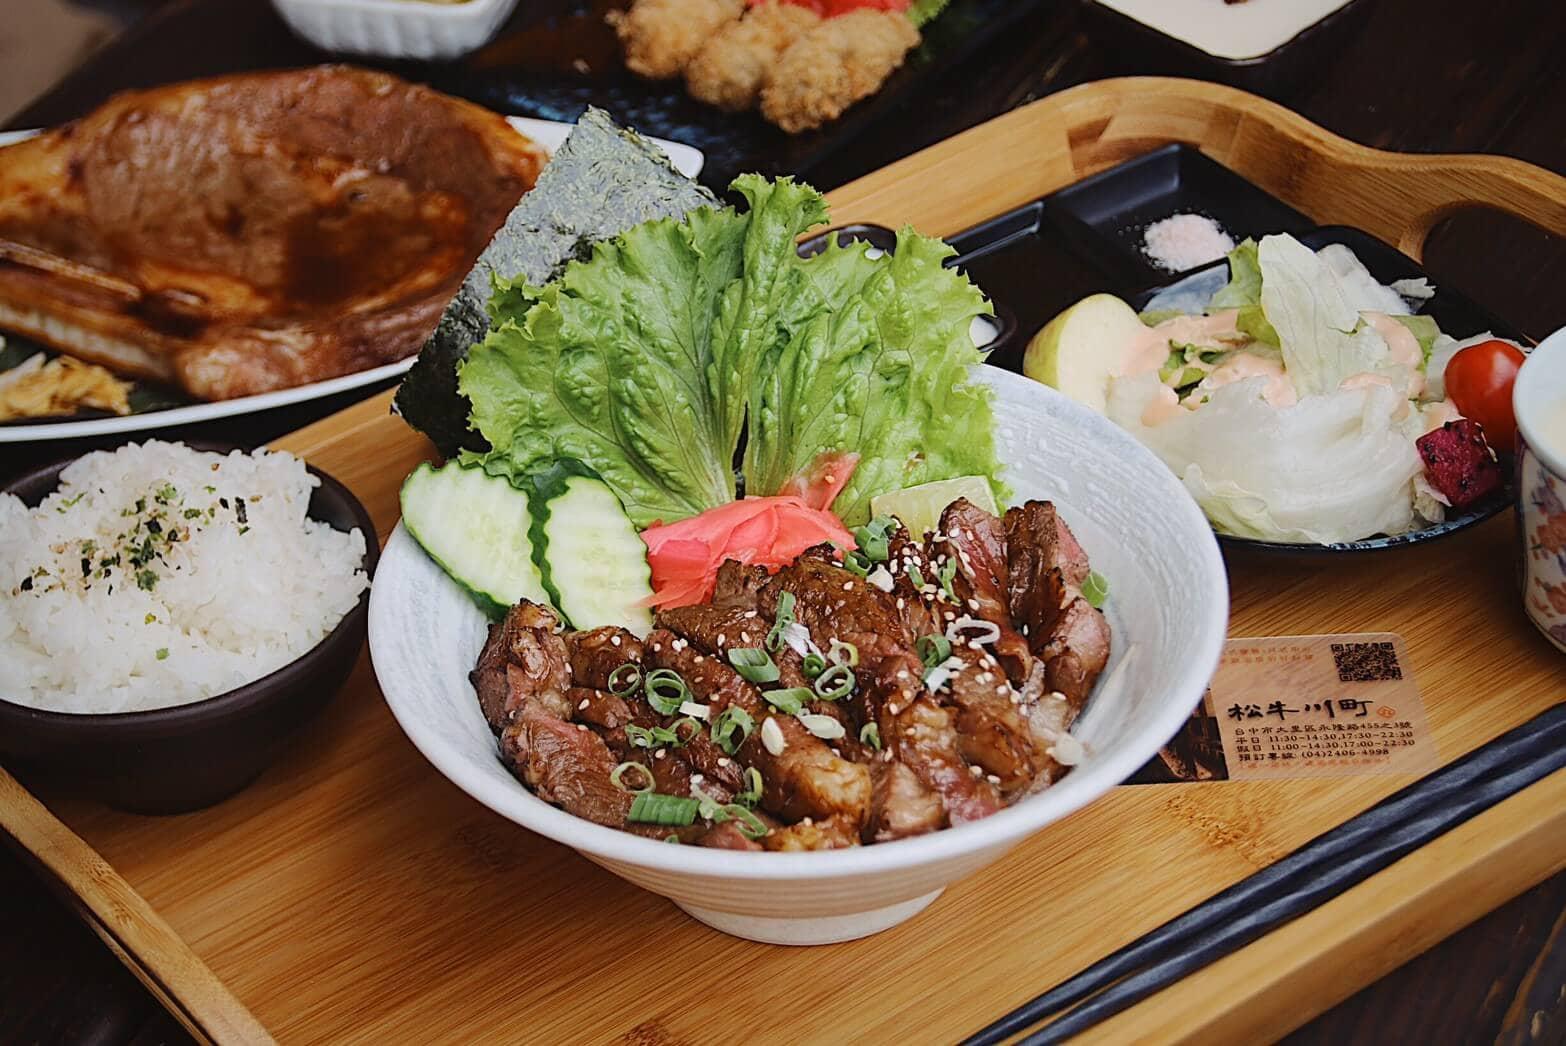 Food_190721_0002